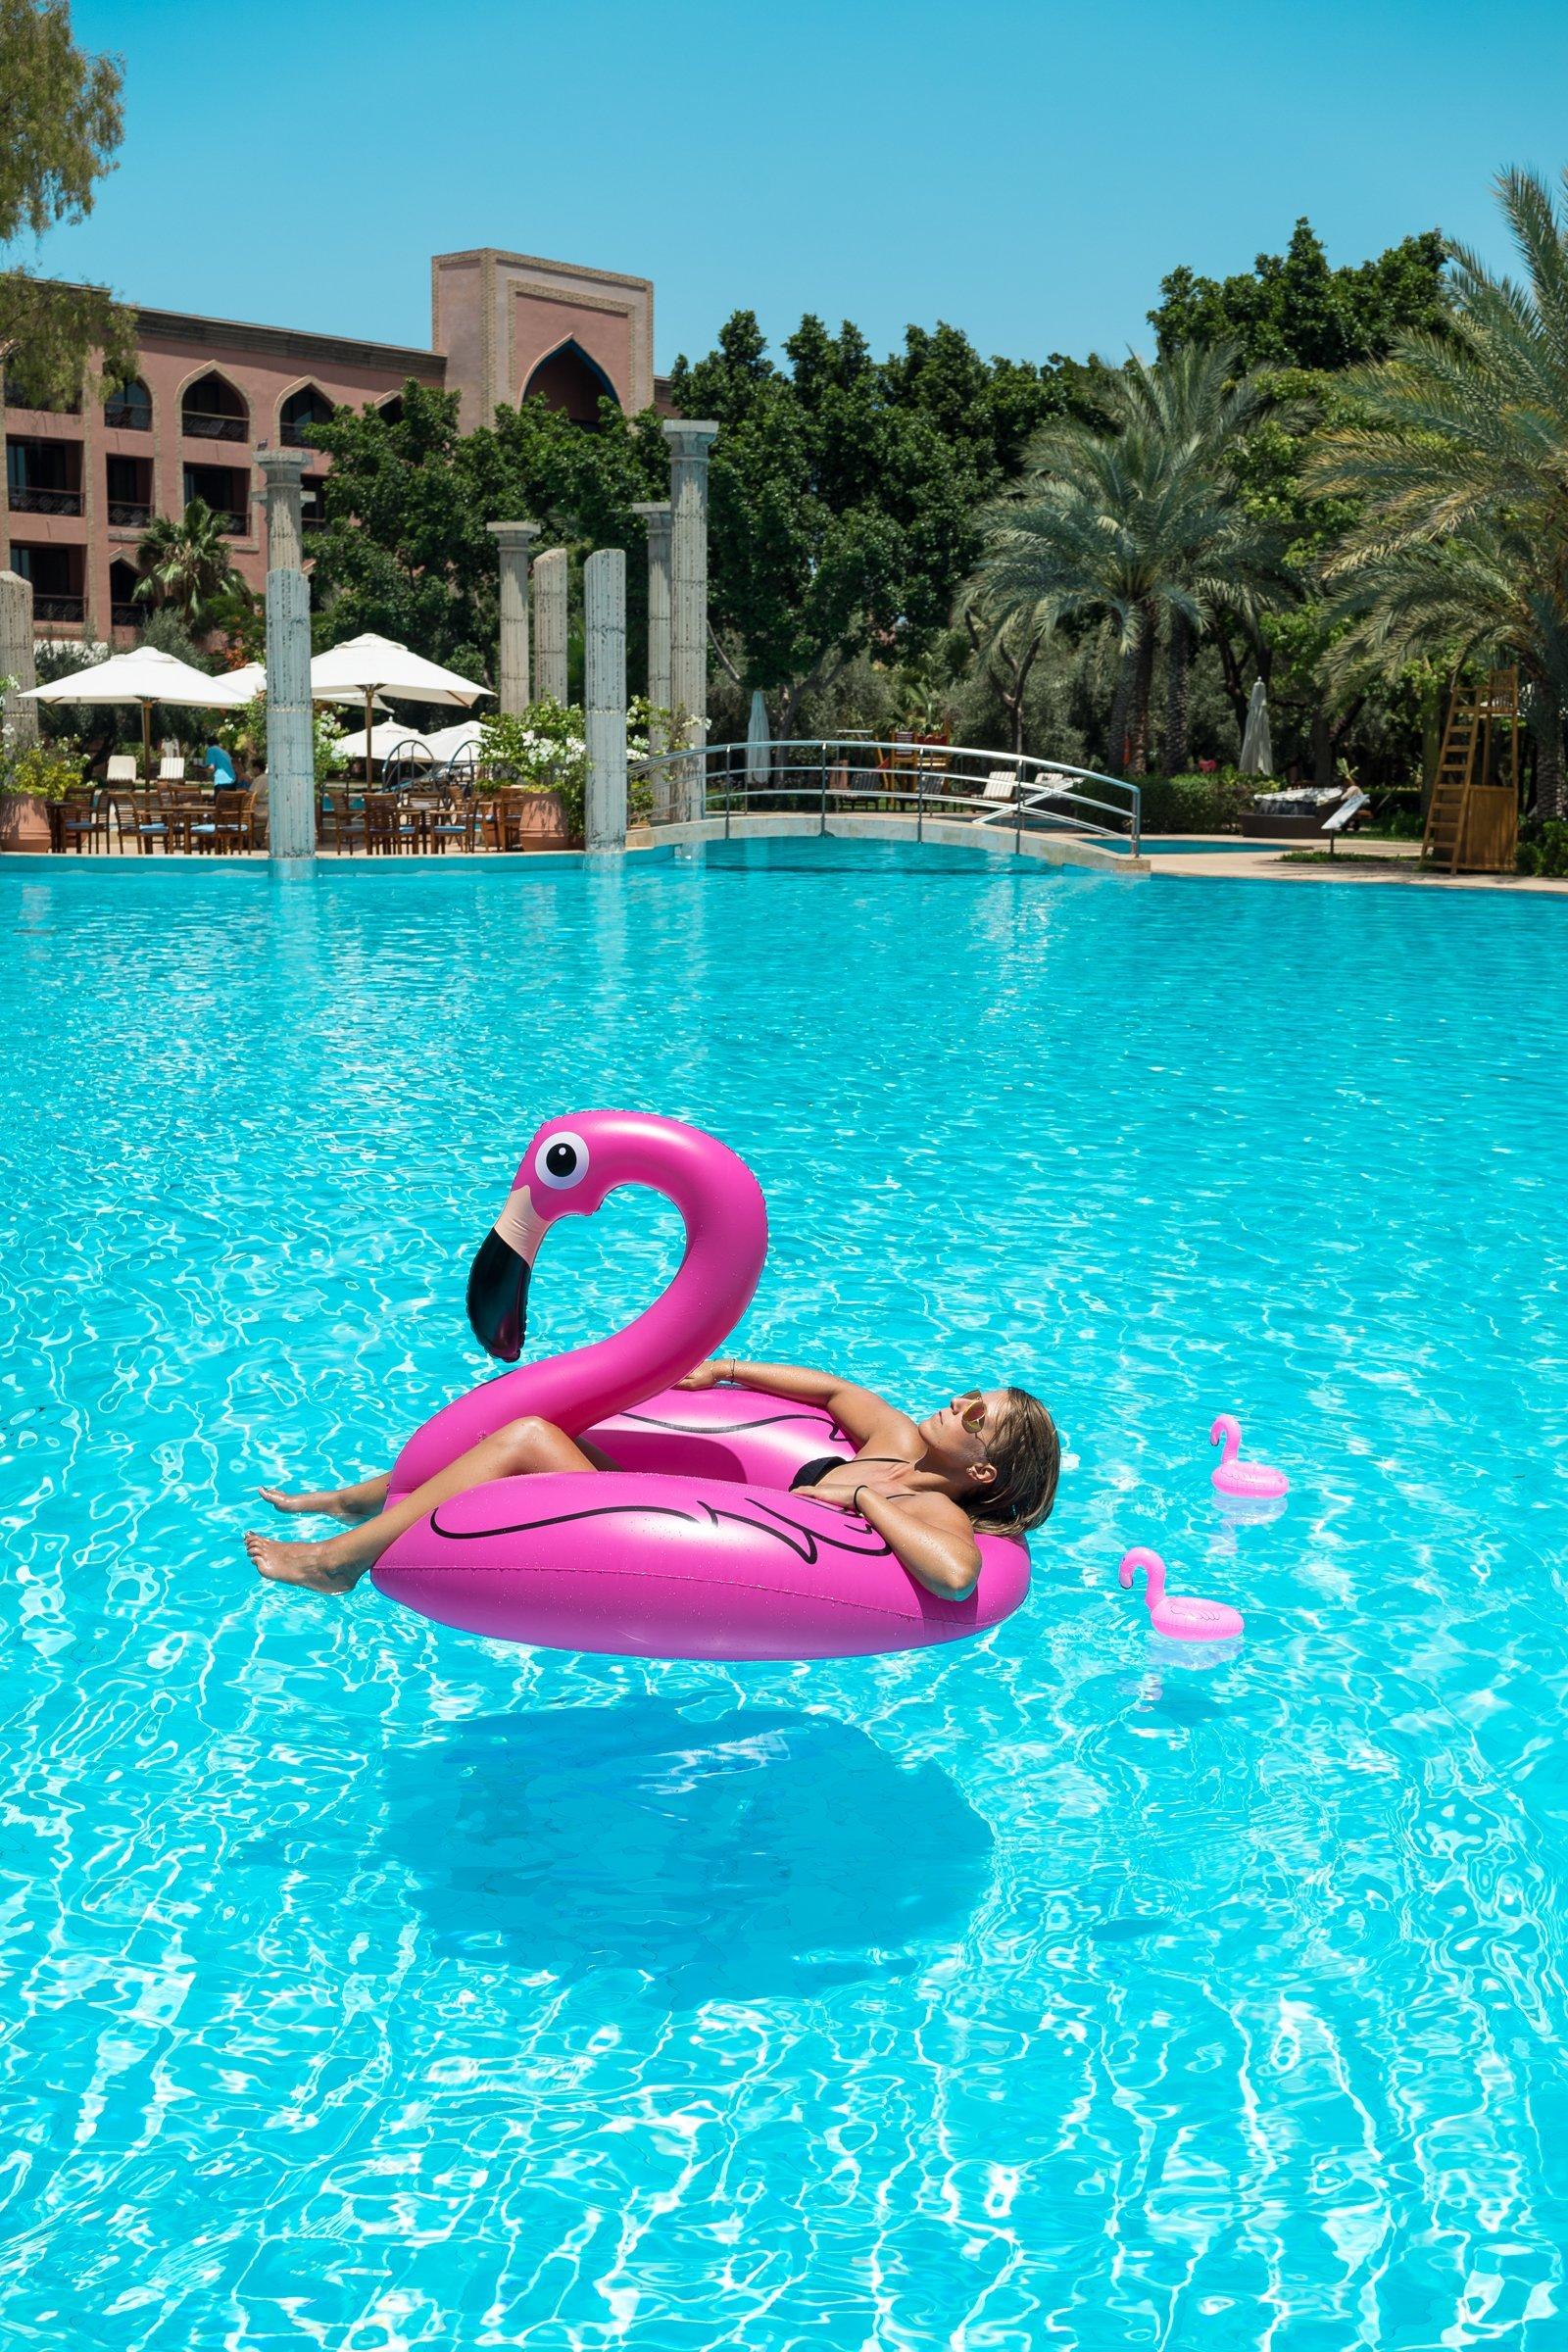 Es Saadi Palace Garden Resorts Swimmingpool Flamingo Diana Schlafen Wasser treiben lassen Hotel